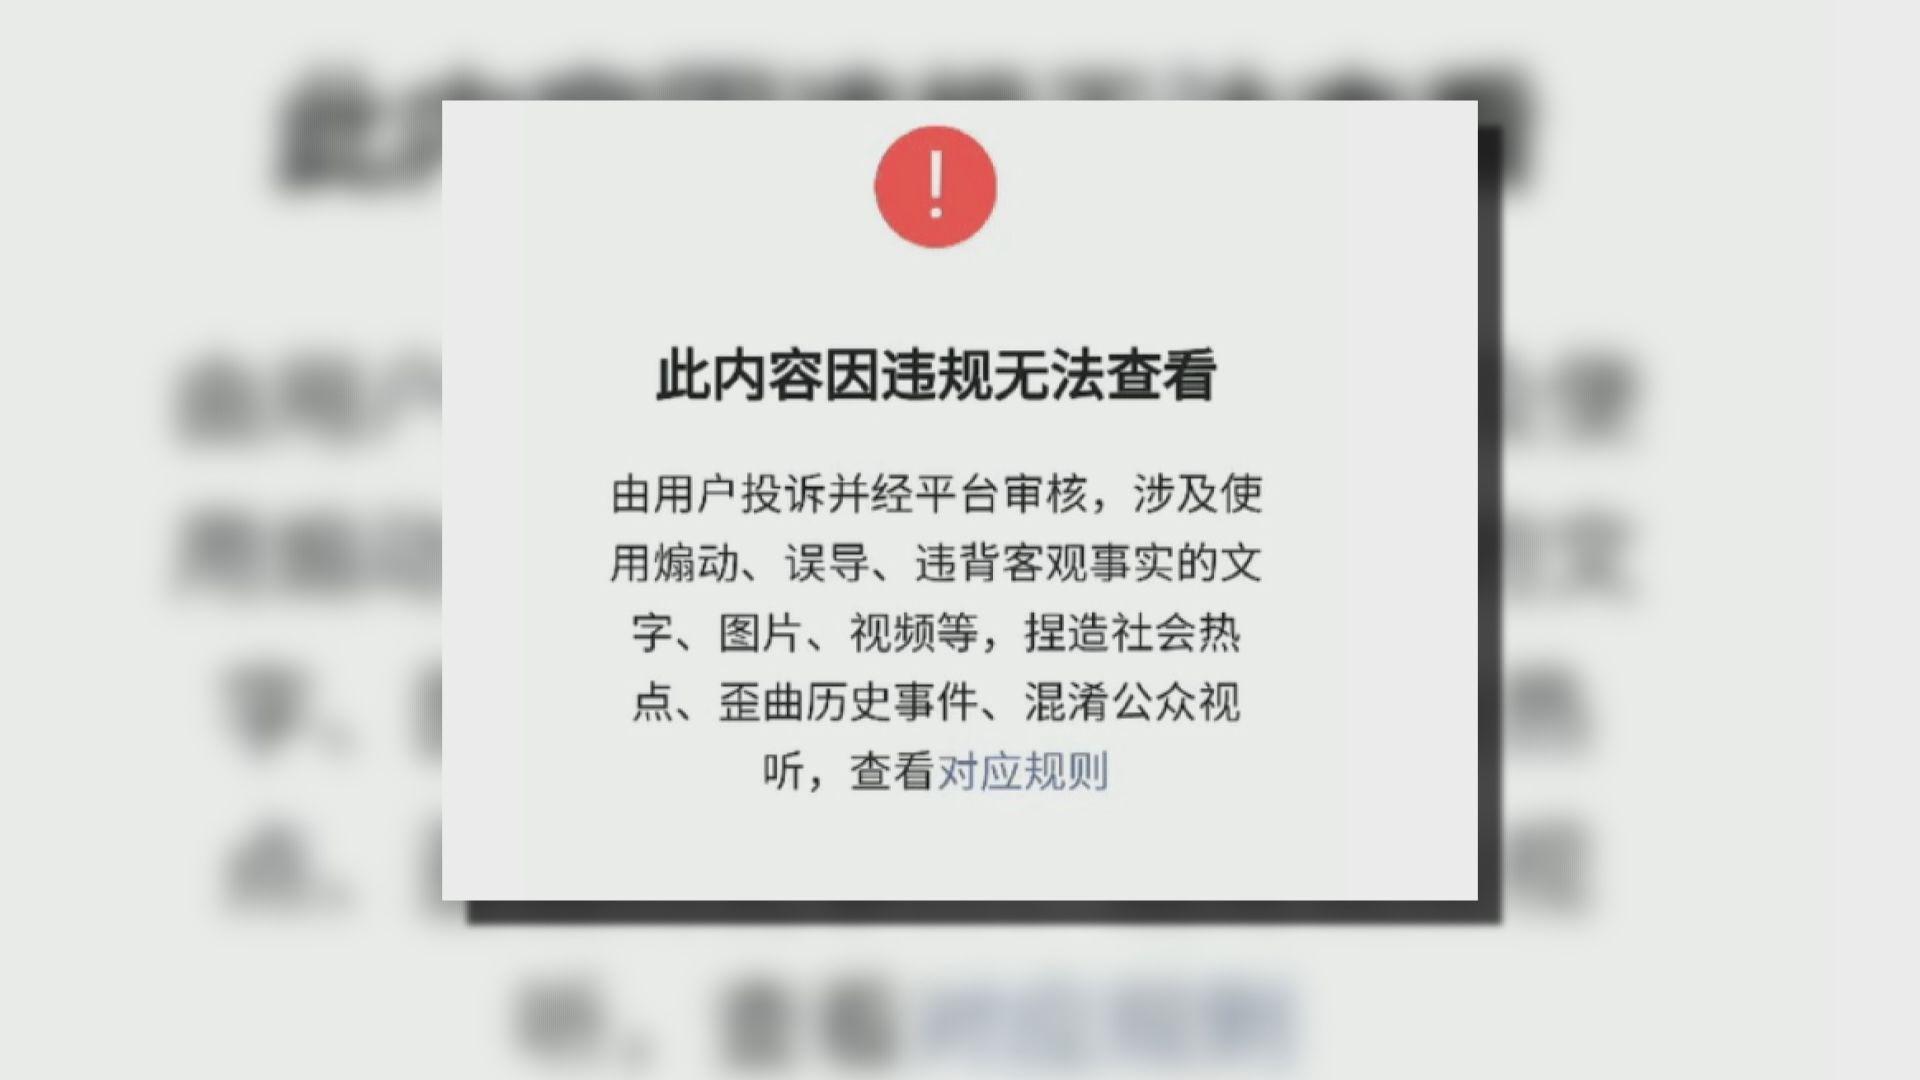 澳洲總理撐軍人微信帖文被指混淆公眾視聽遭刪除